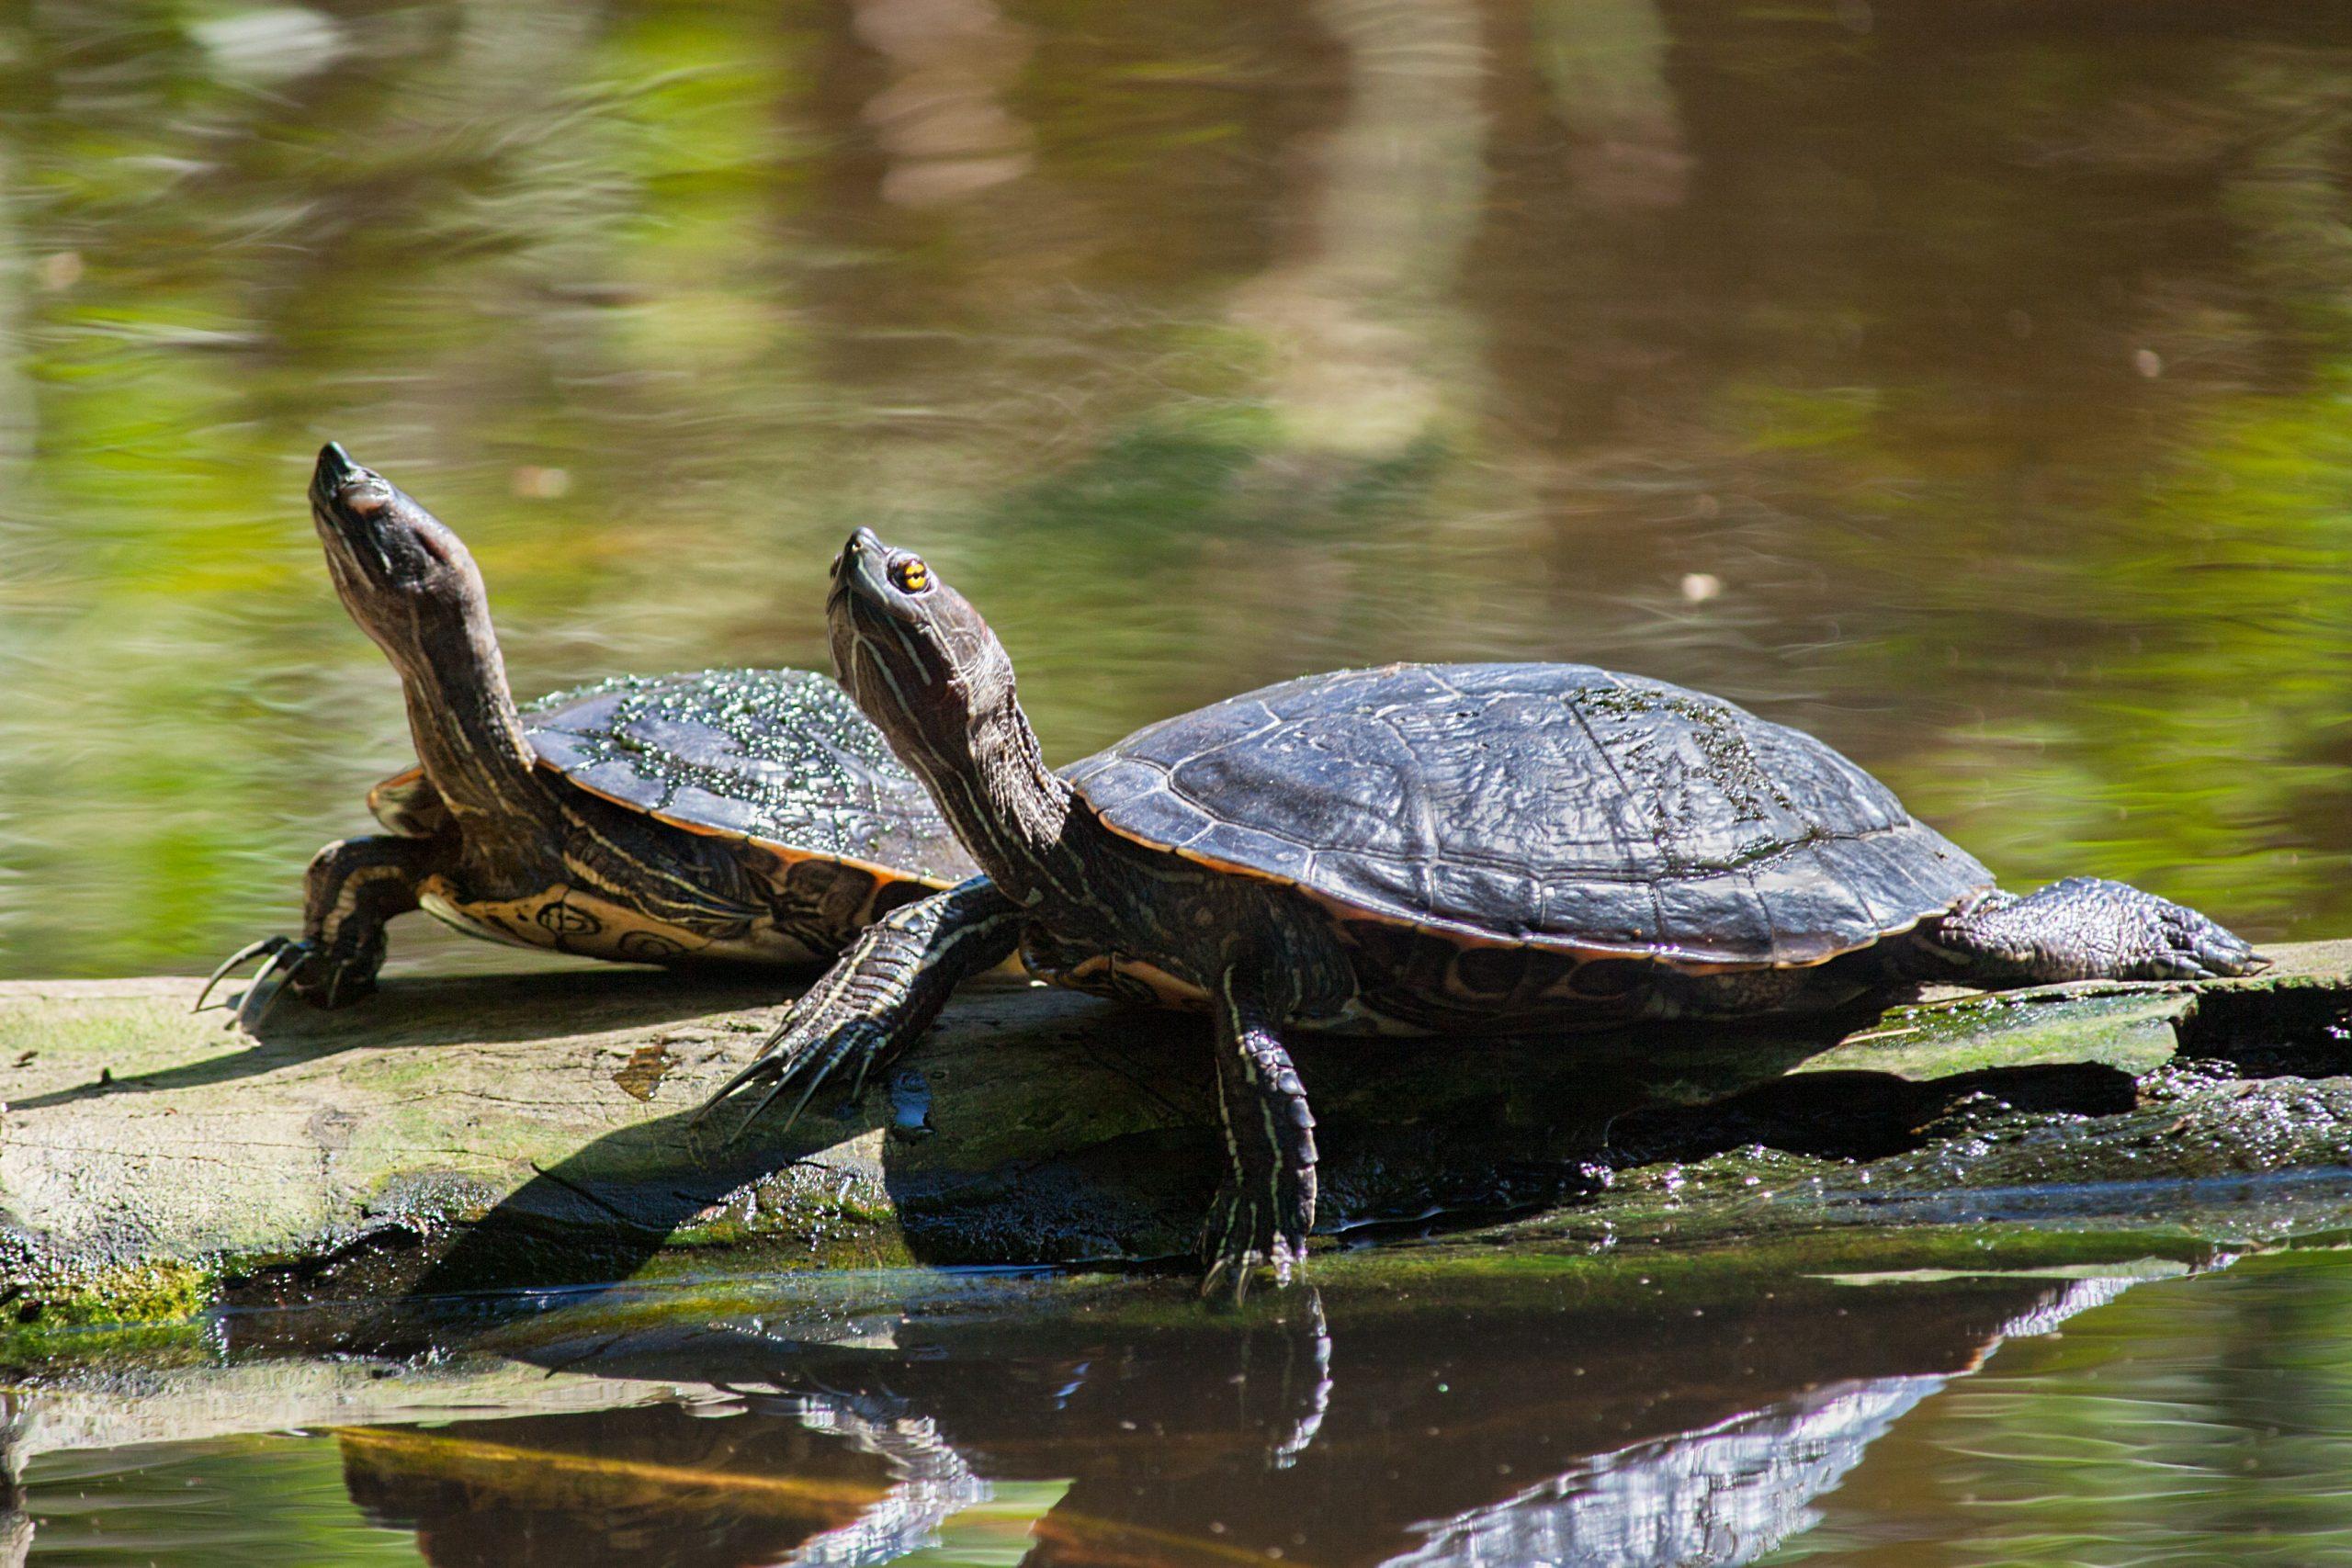 les tortues dans un lac en république dominicaine